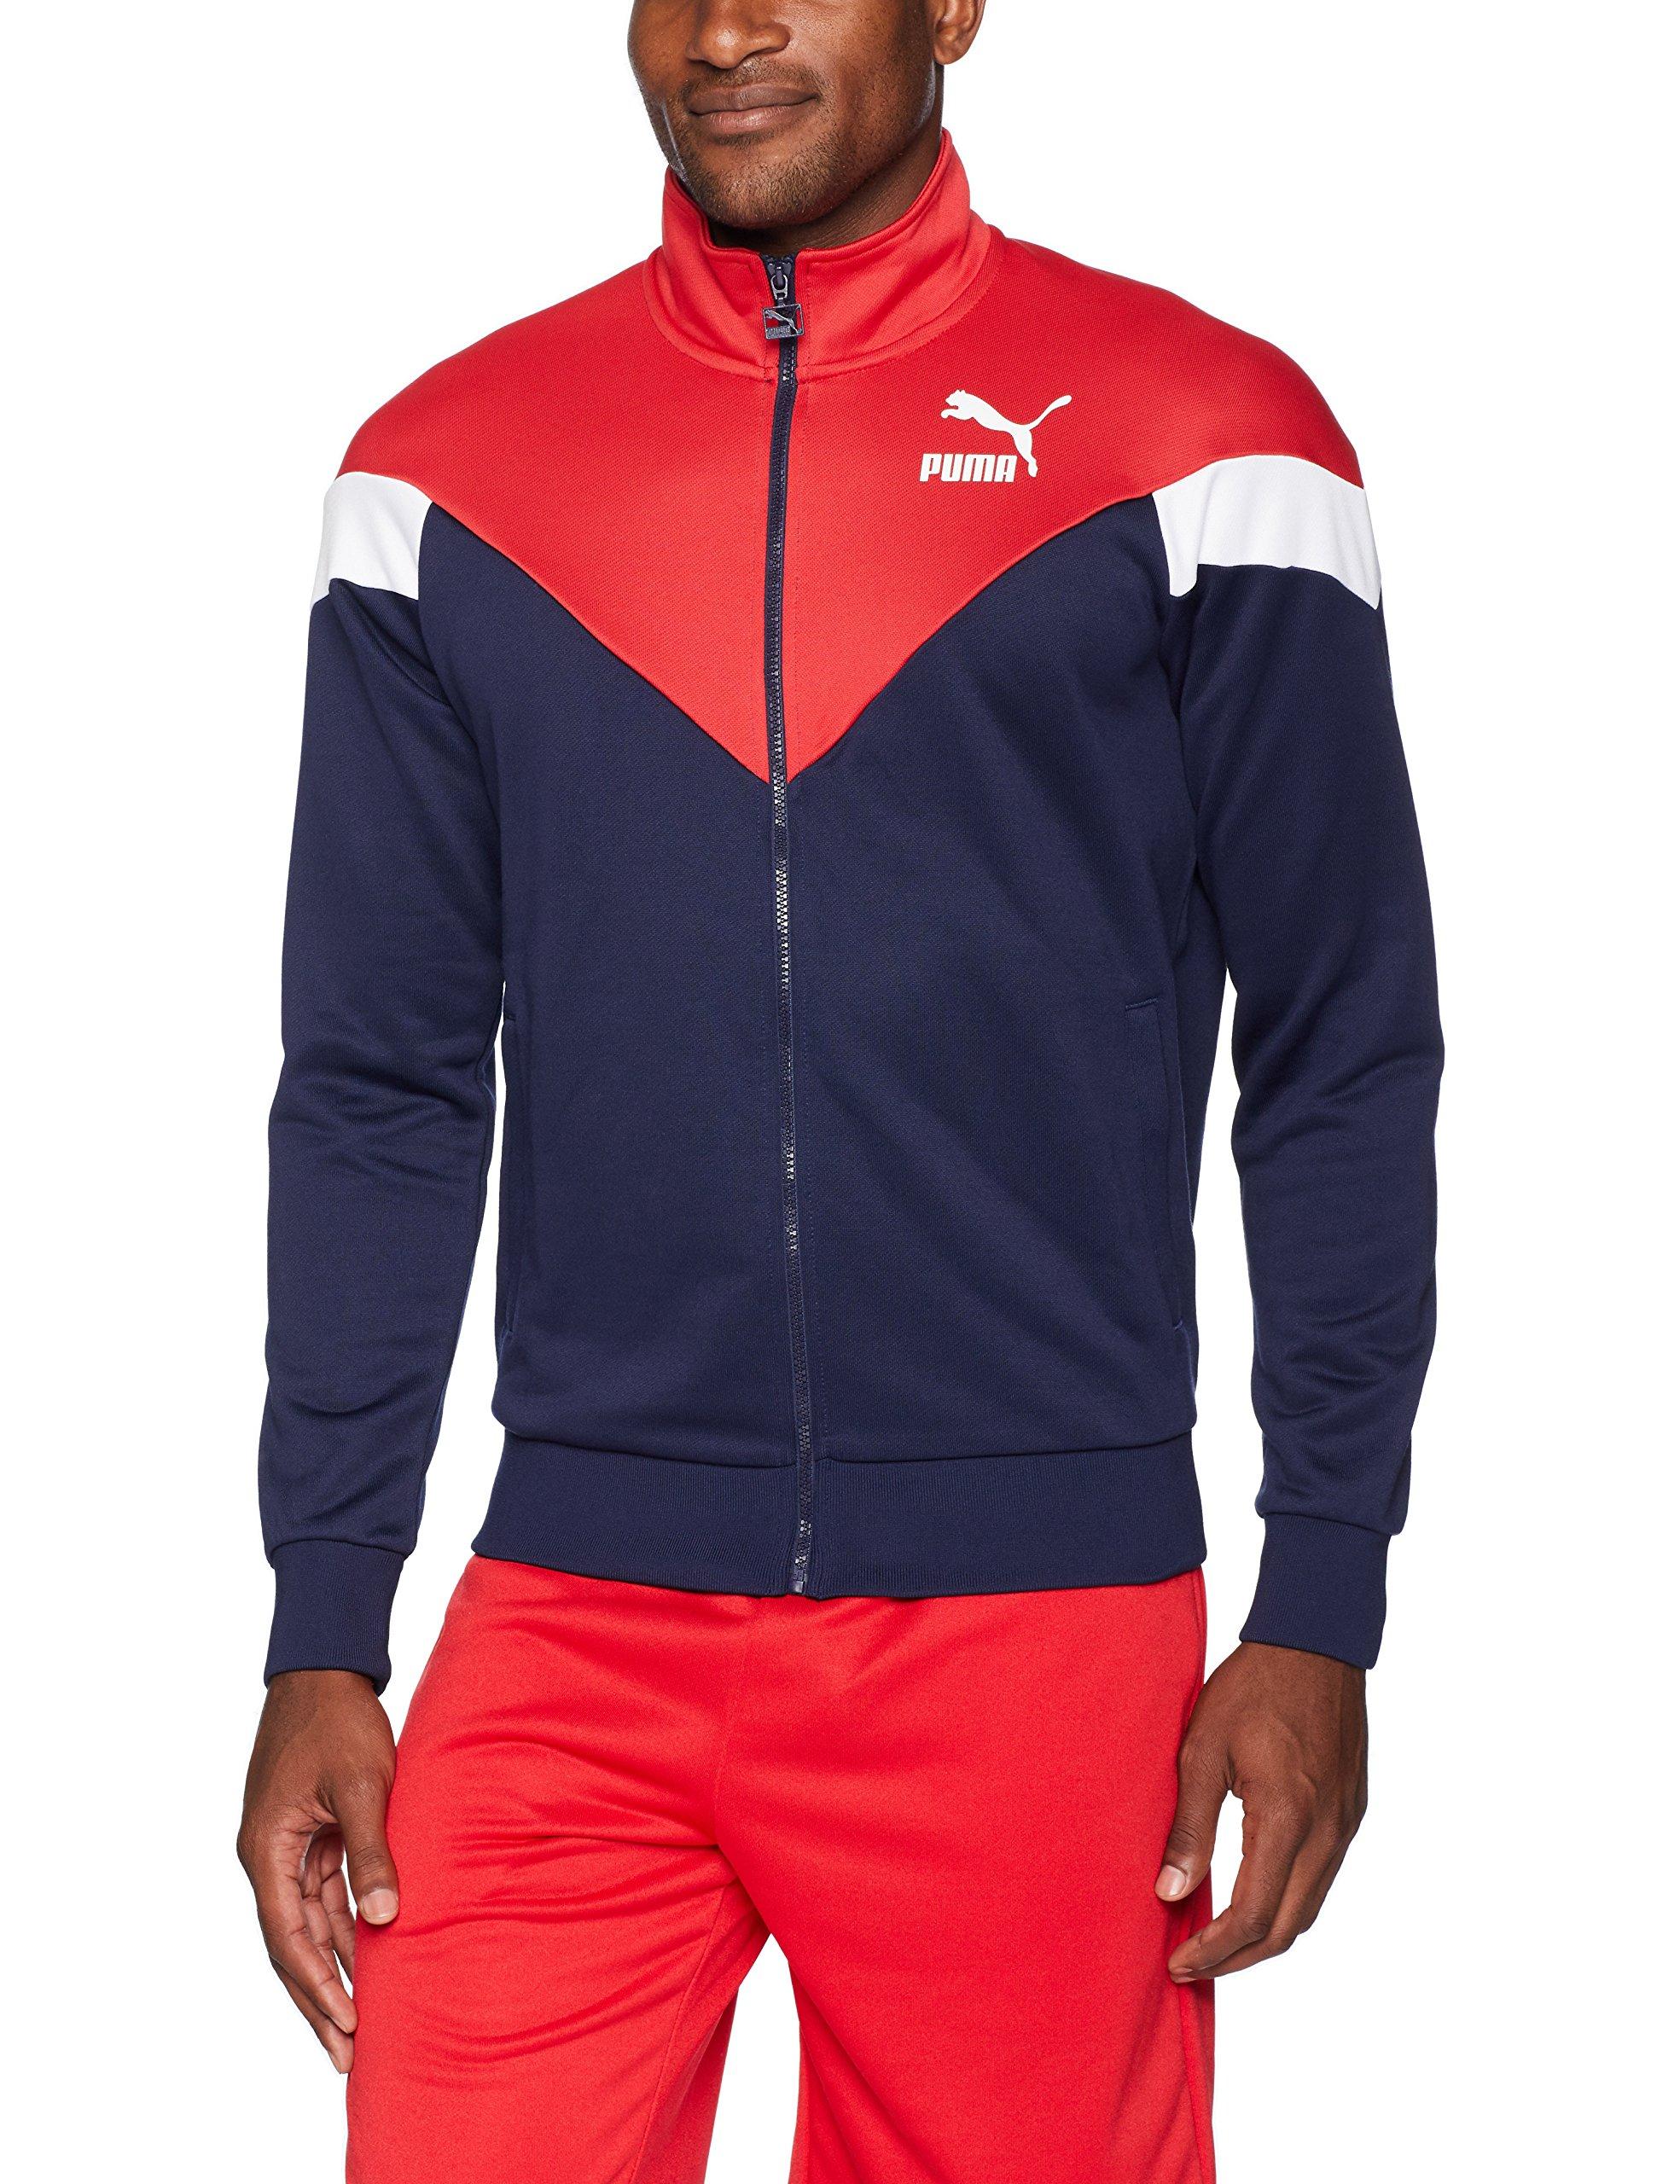 PUMA Men's MCS Track Jacket, Peacoat, M